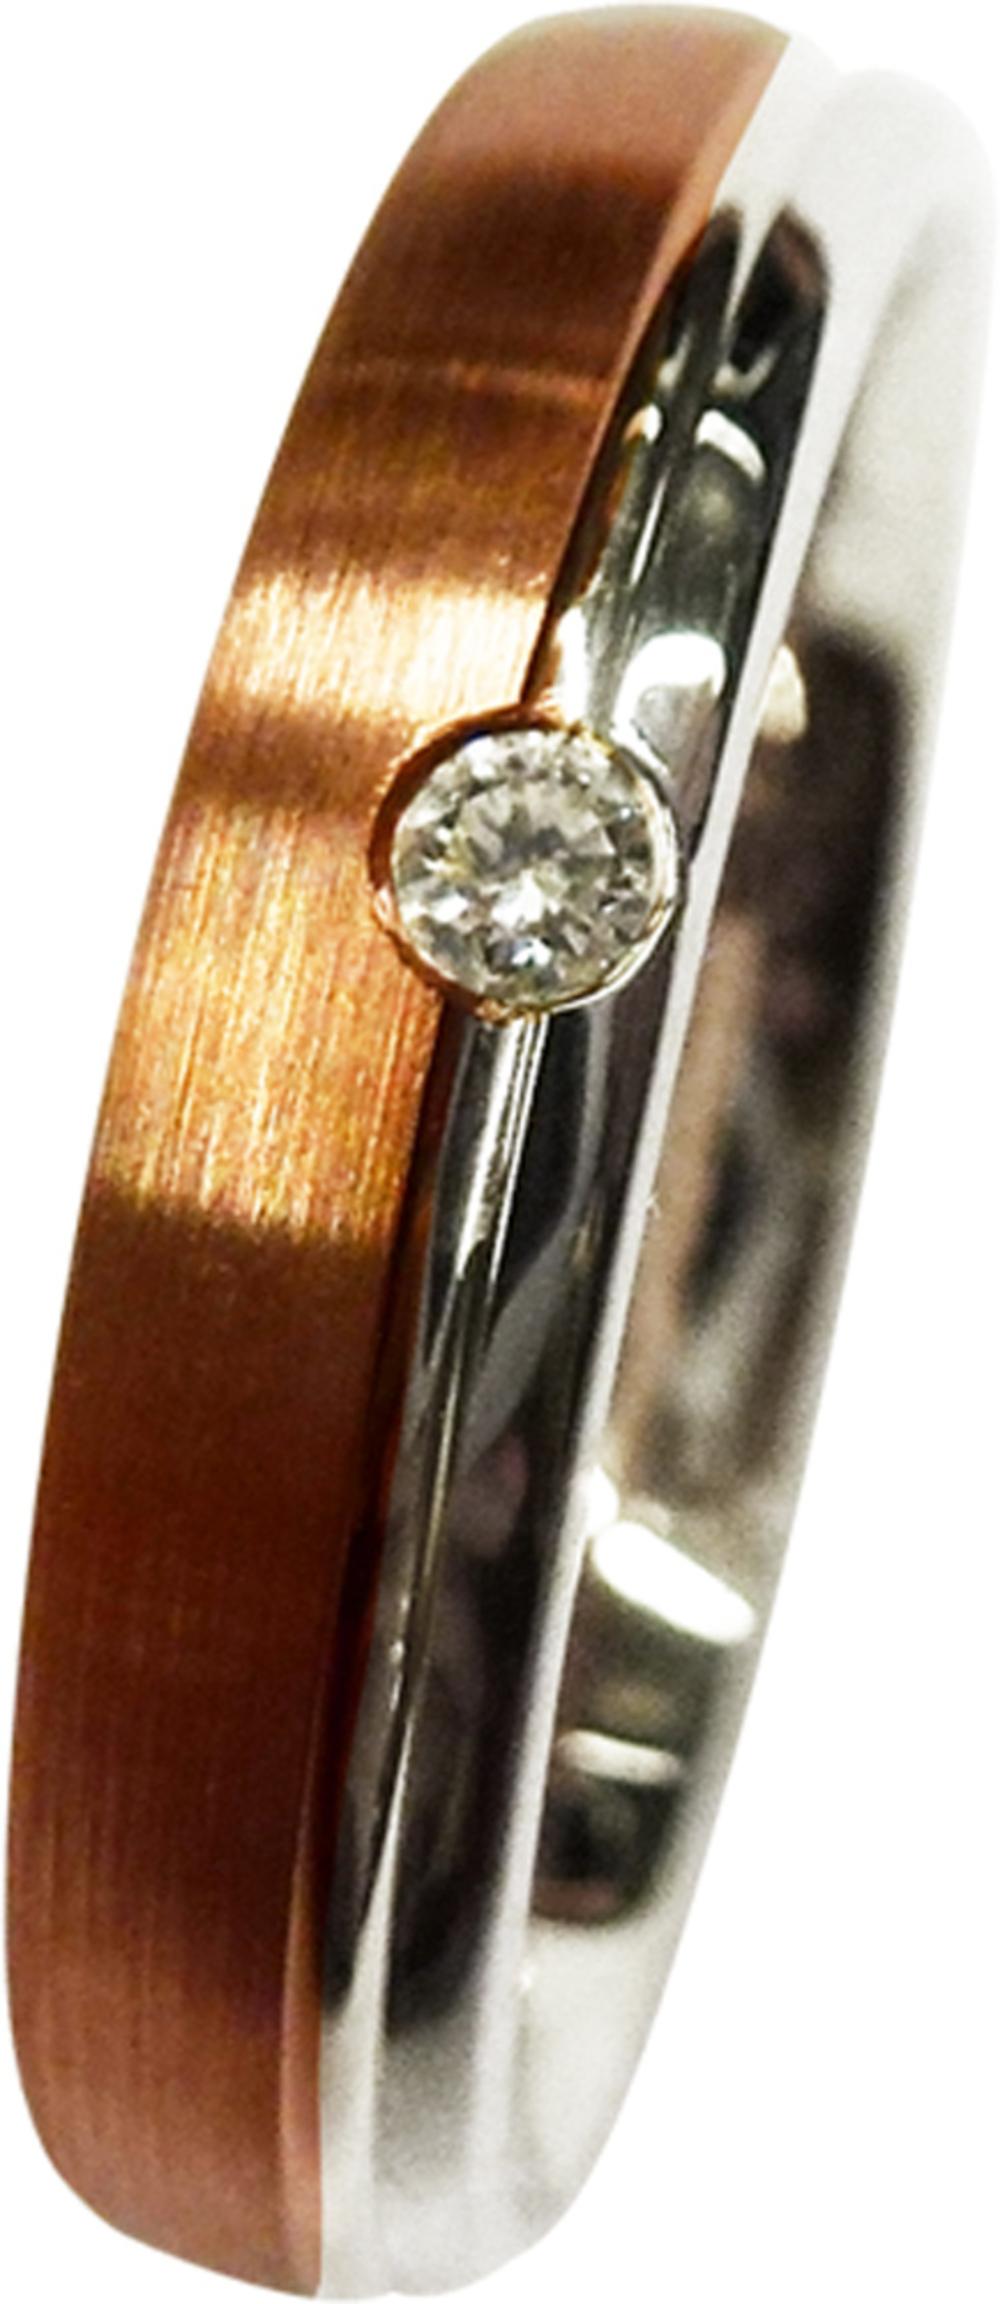 CH.ABRAMOWICZ Trauring/Ehering in Weissgold und Rotgold mit einem Brillant 100499300